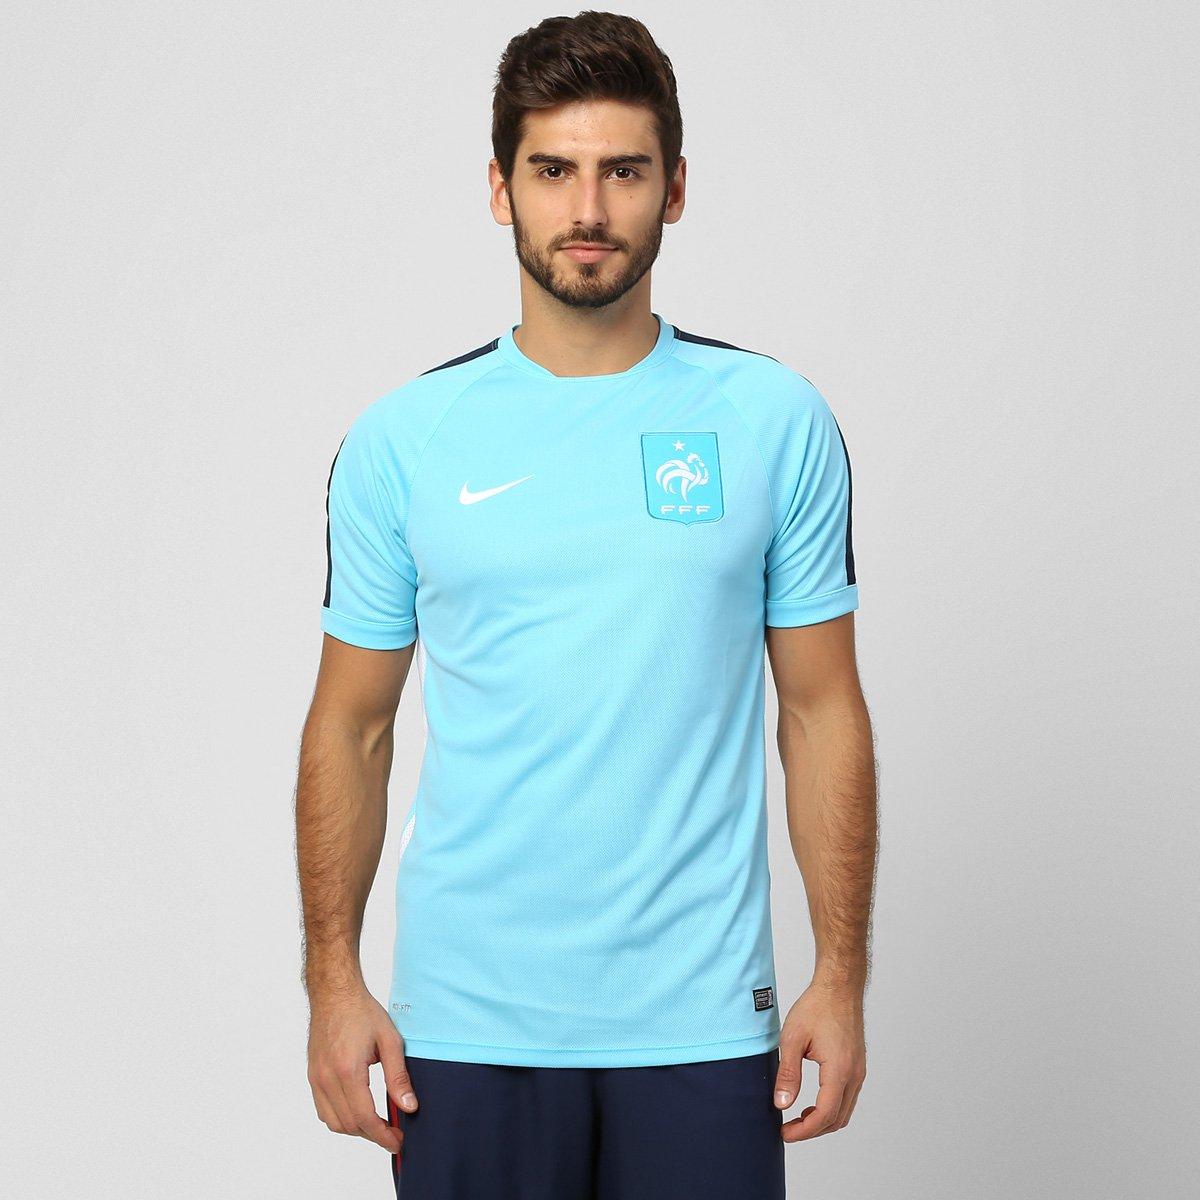 3c5993c392 Camisa Nike Seleção França Treino 2015 - Compre Agora